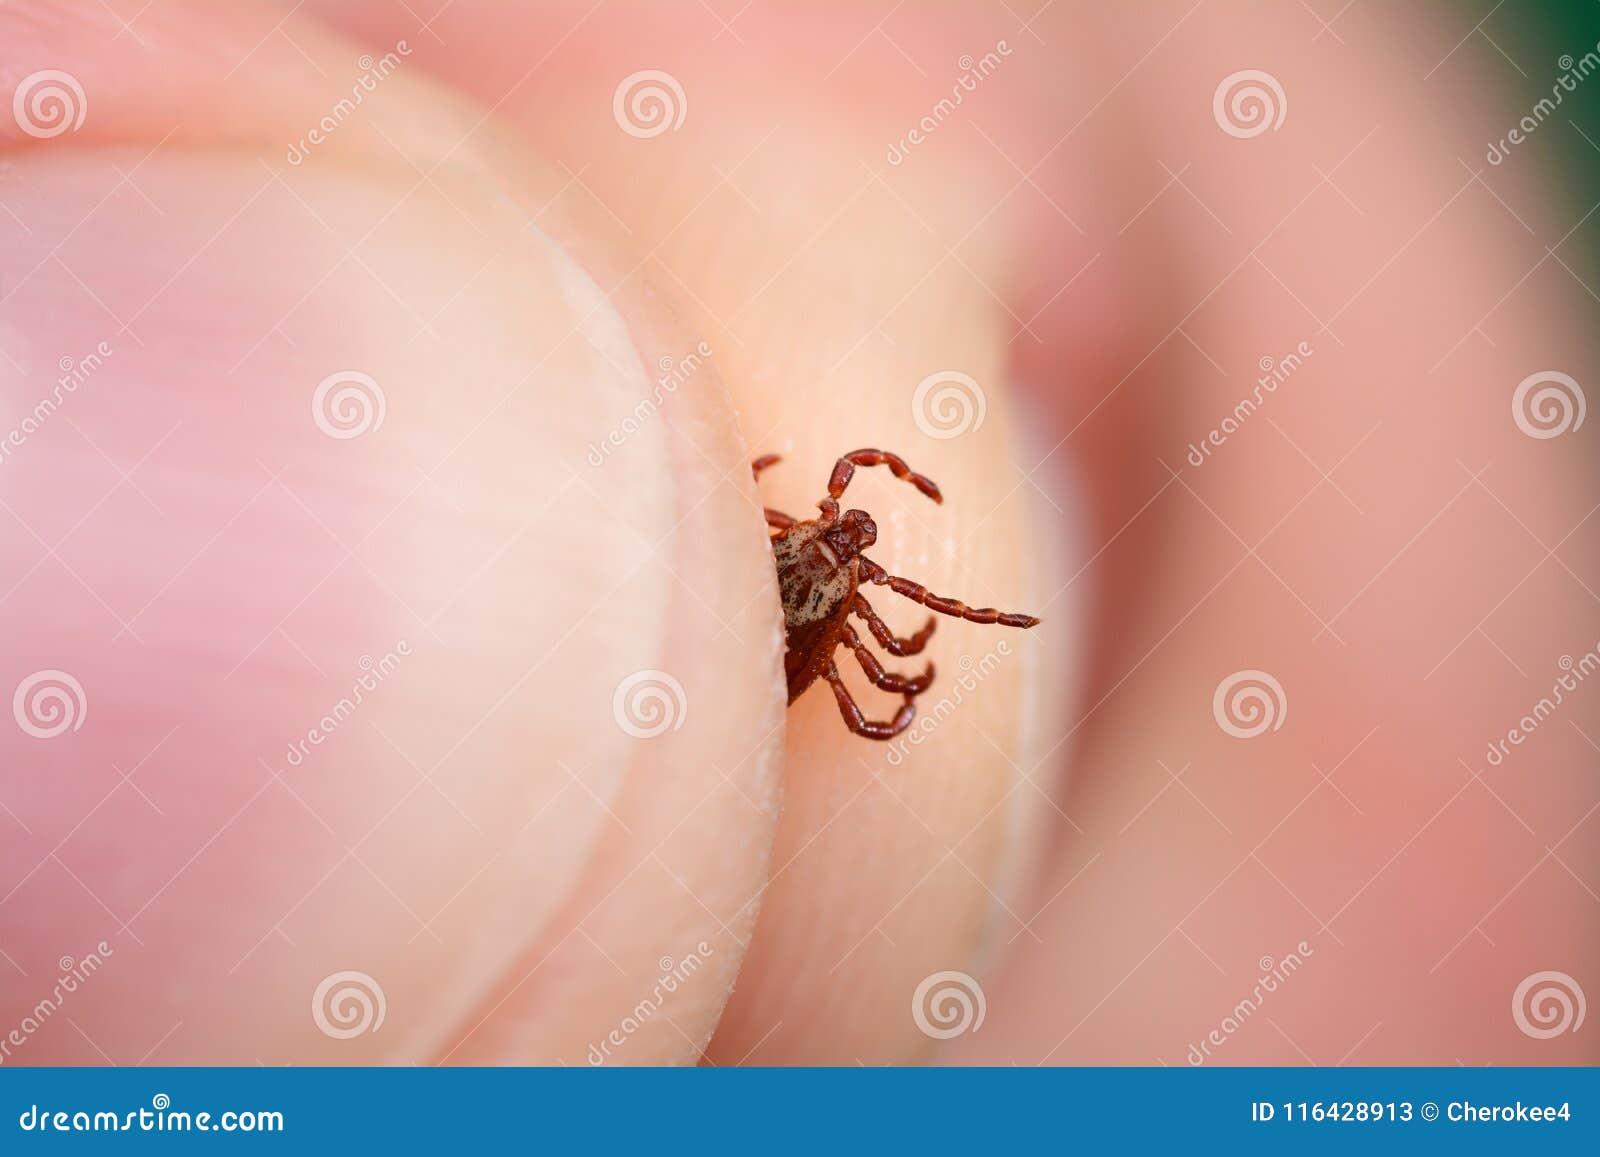 Gevaar van tikbeet Toont close-upmijt in de hand